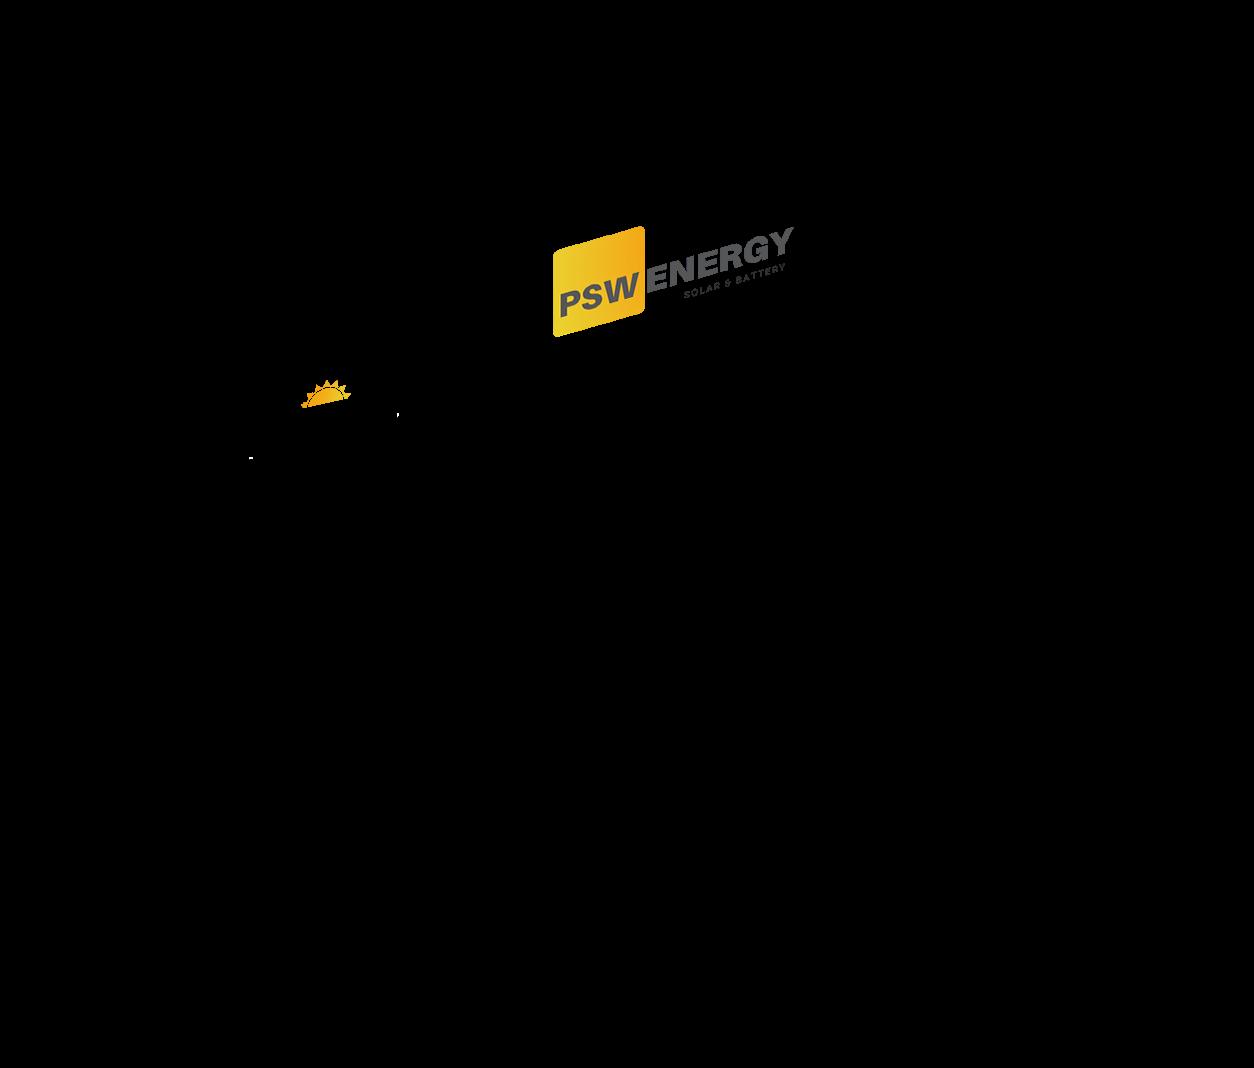 PSW Energy - Solar Power Bunbury WA